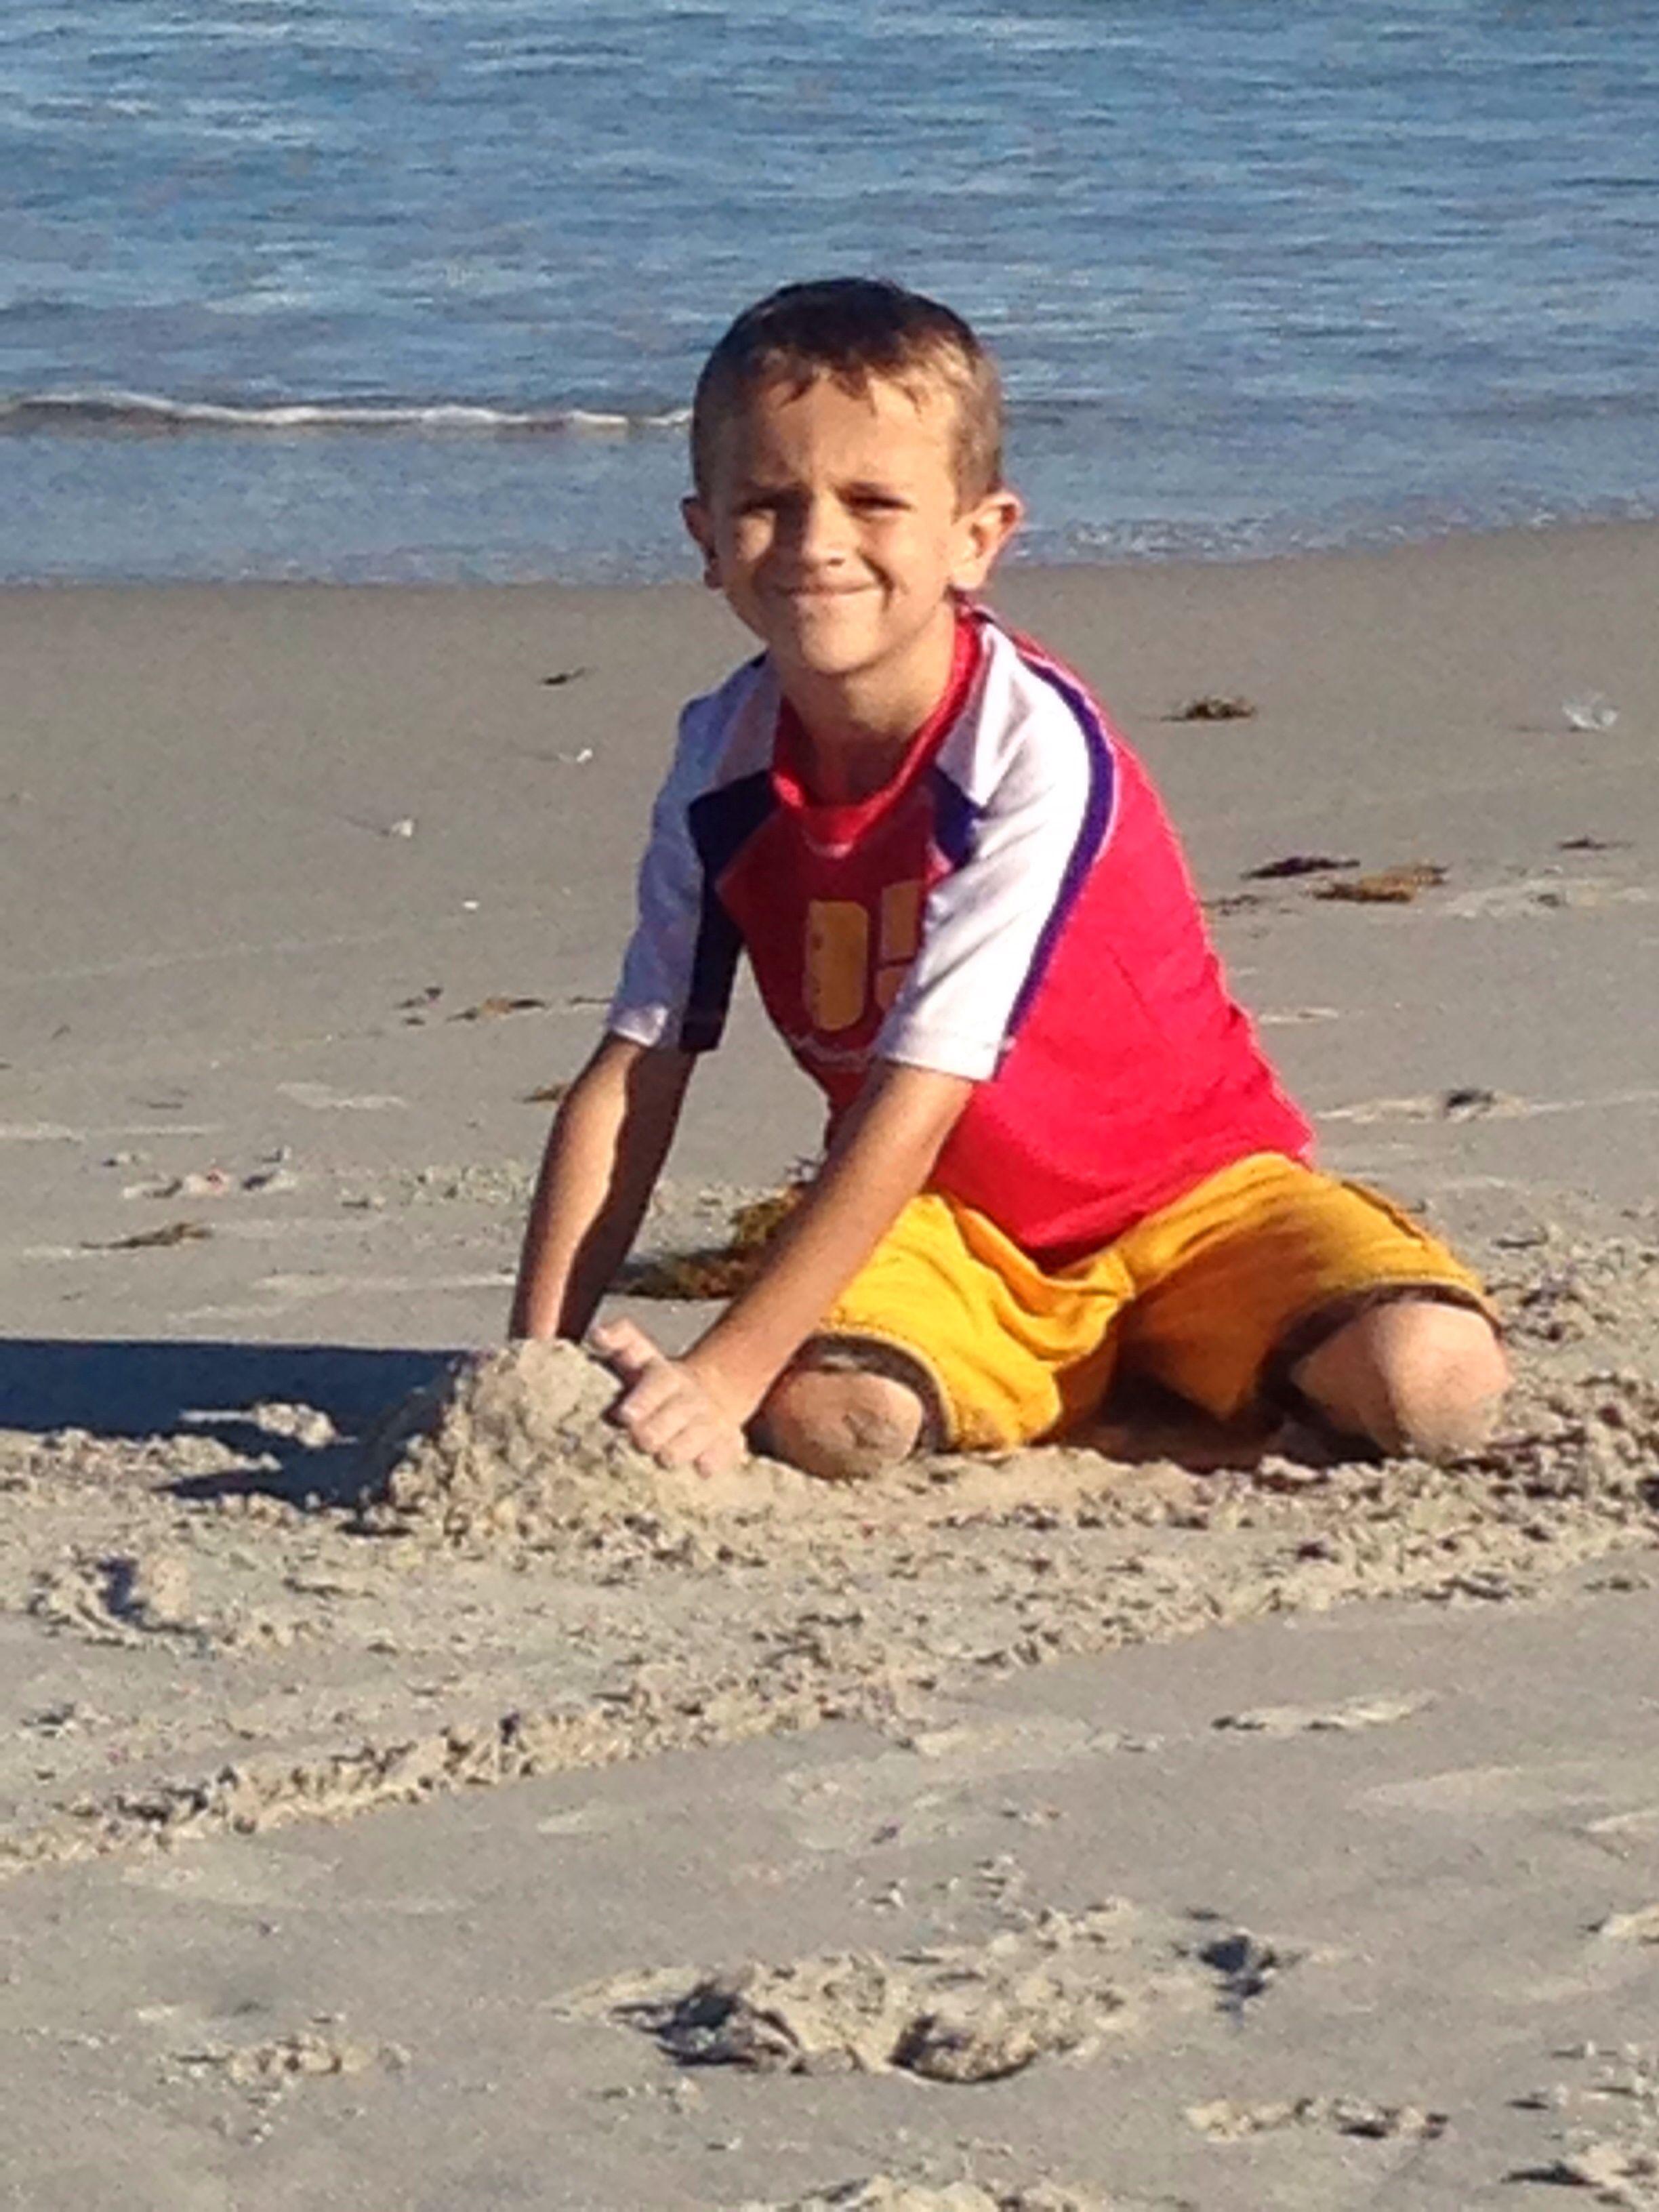 Having fun at the beach Beach fun, Favorite vacation, Beach